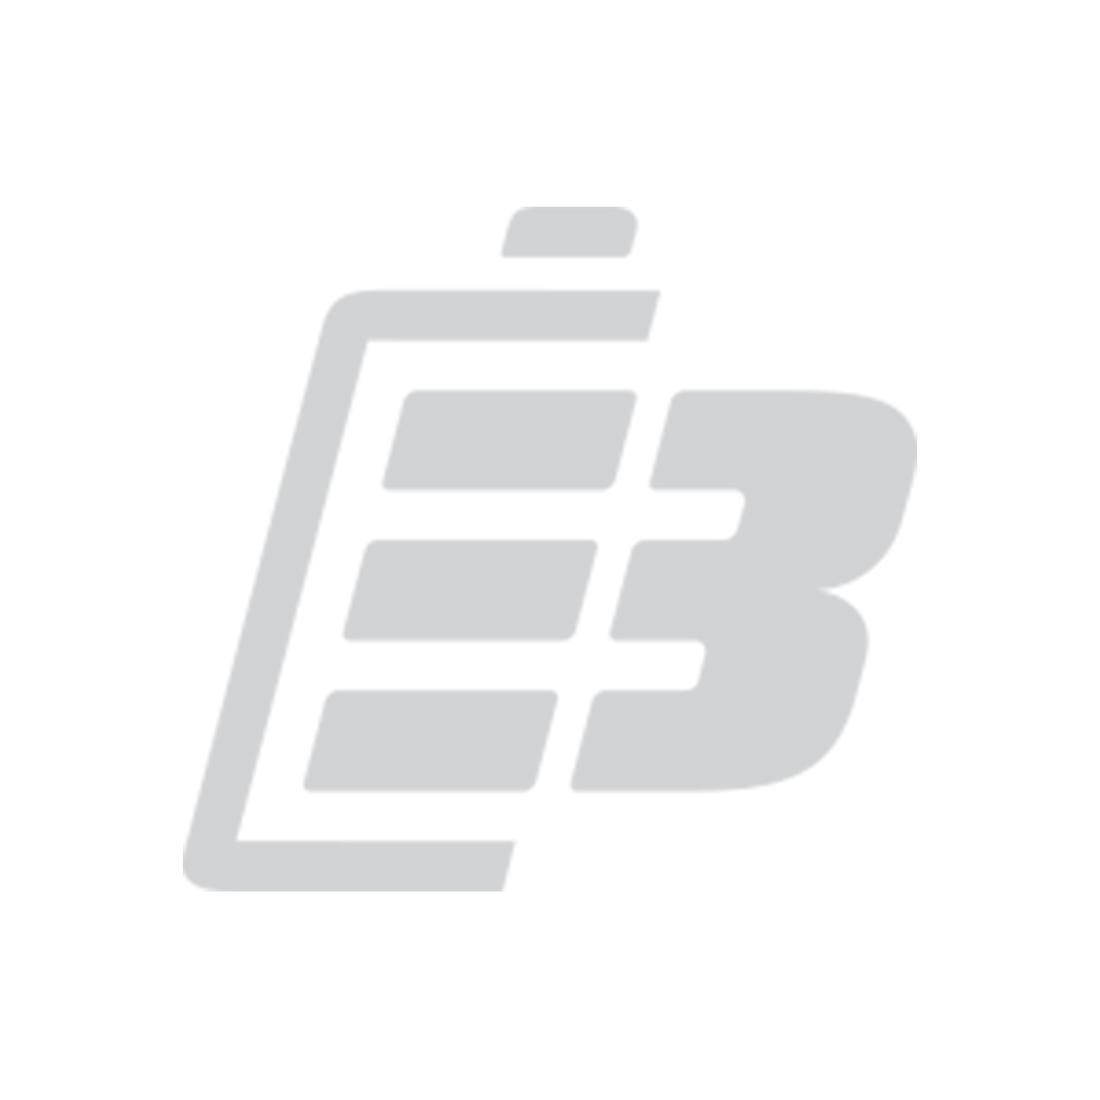 Μπαταρία PDA HP iPAQ hx2400_1